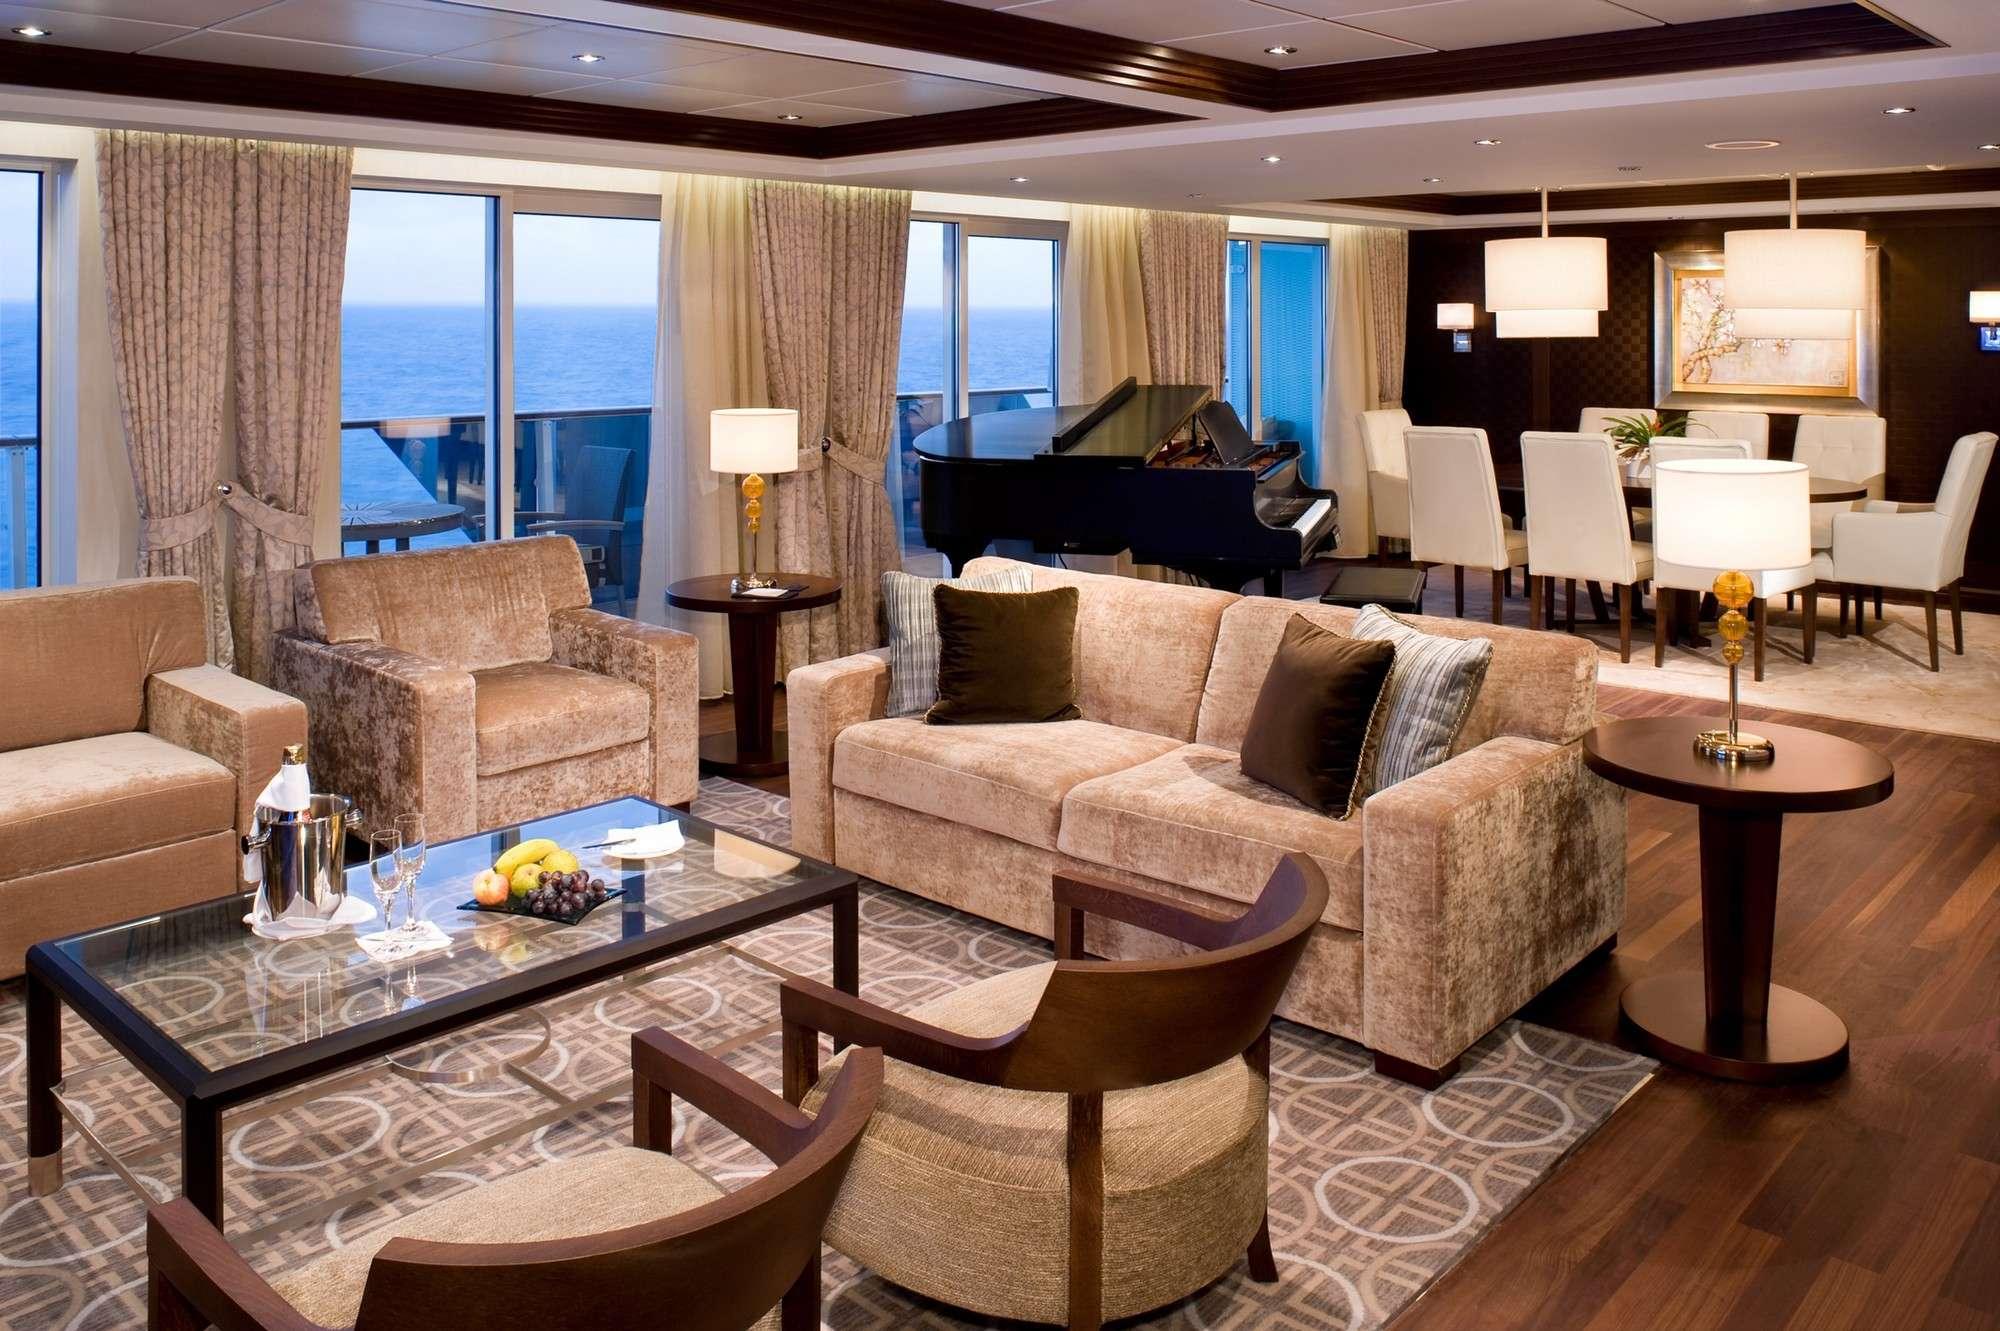 Suítes Penthouse, Celebrity Cruises - Essas suítes podem ser encontradas nos navios da classe Solstice da companhia Celebrity Cruises. Elas possuem uma cobertura impressionante de 119 m² e varandas de 39 m², além de uma sala de jantar para até oito pessoas. As suítes têm piscina de hidromassagem externa, uma sala de estar com móveis de plumas, piso de madeira de lei, TV de LCD e um piano. O quarto é equipado com uma cama king-size e pia dupla de mármore, chuveiro e banheiras Foto: Celebrity Cruises/Divulgação